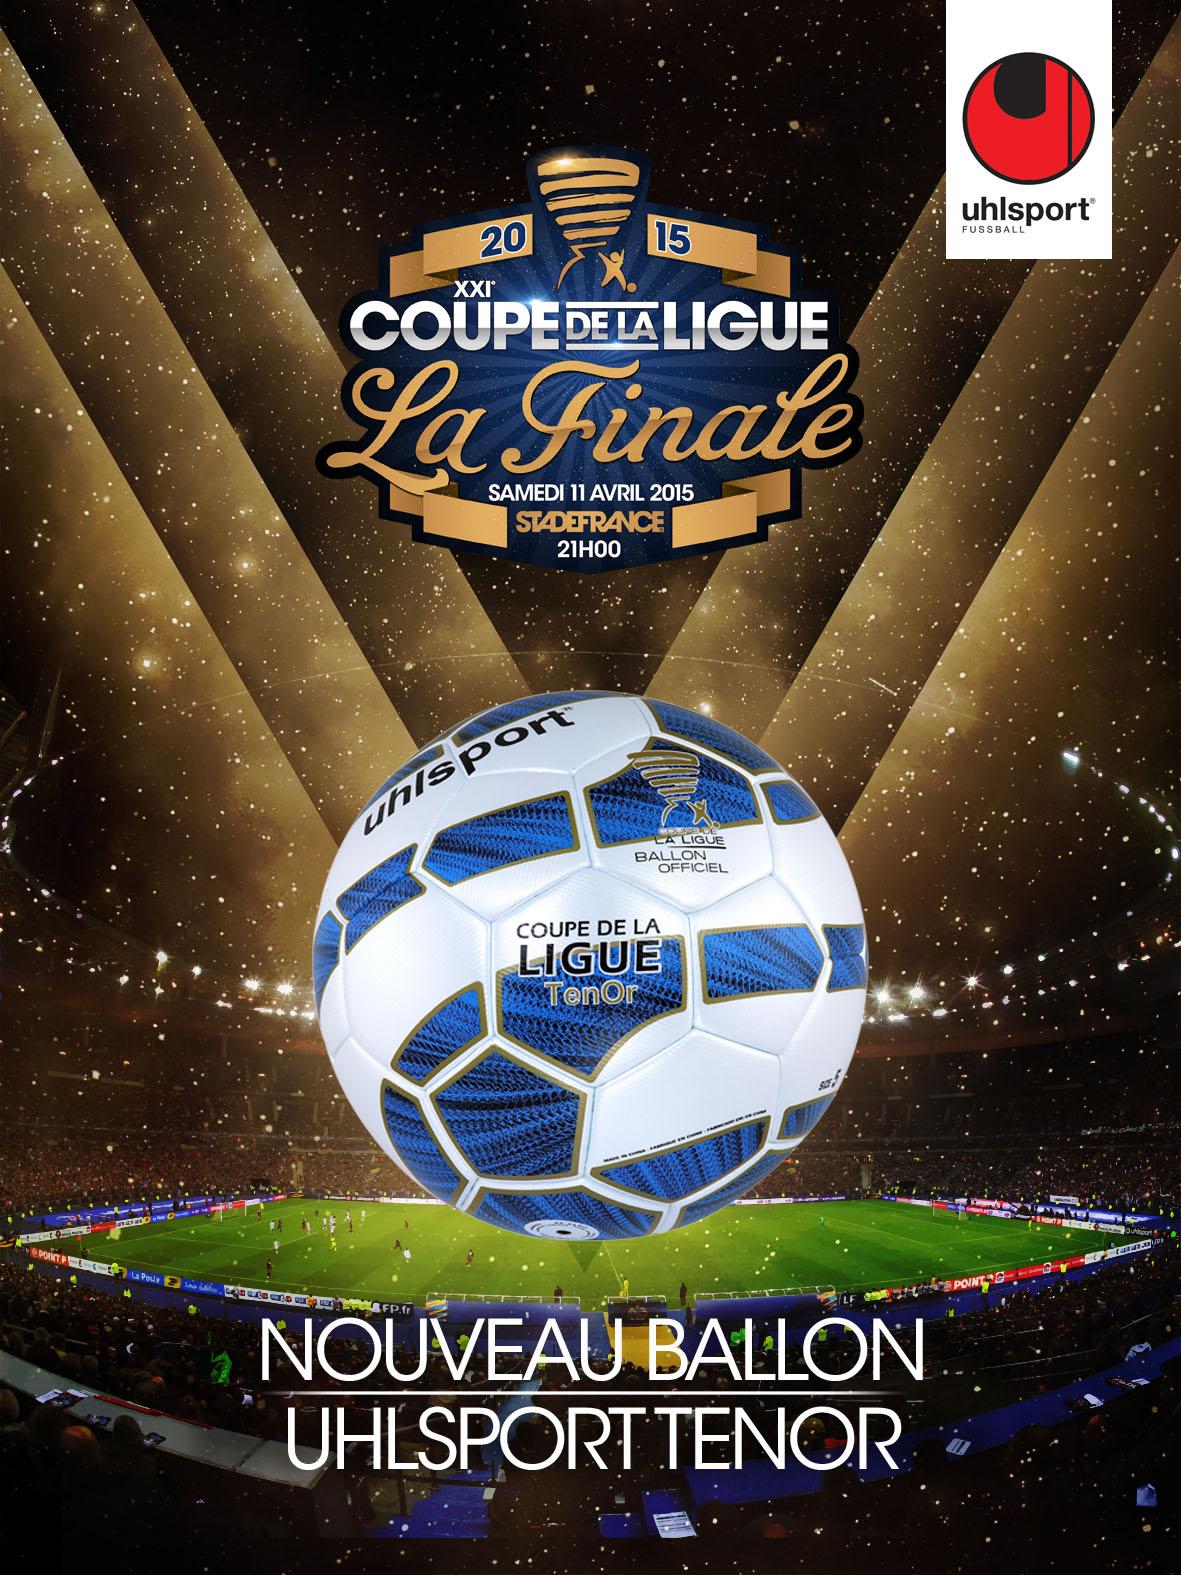 Concours 5 ballons tenor uhlsport de la finale de la coupe de la ligue 2015 gagner - Finale coupe de la ligue 2014 ...